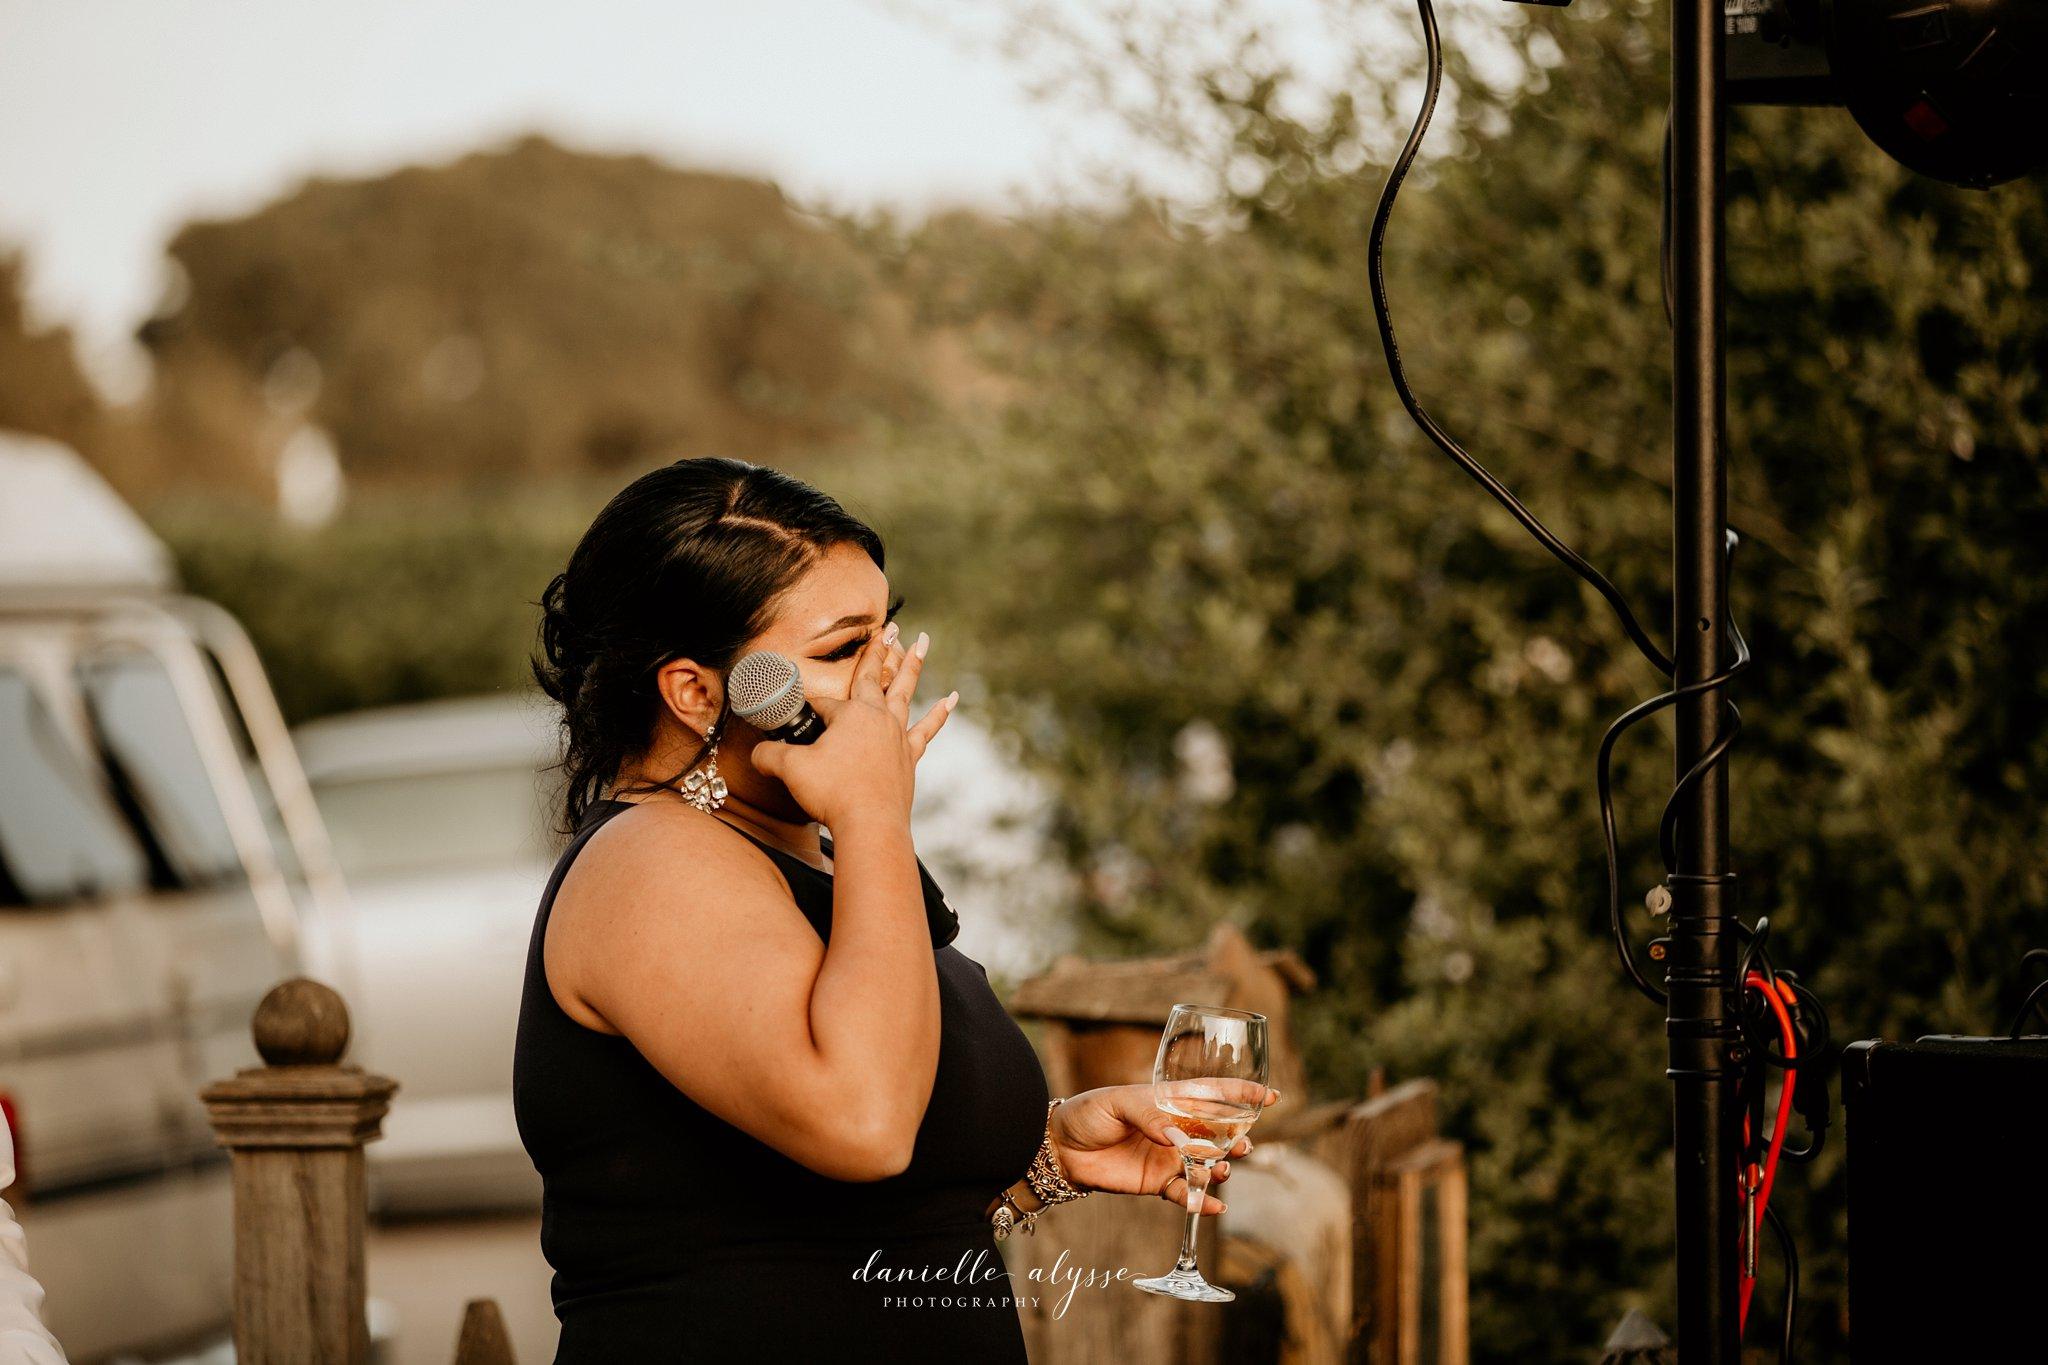 180630_wedding_lily_ryan_mission_soledad_california_danielle_alysse_photography_blog_978_WEB.jpg